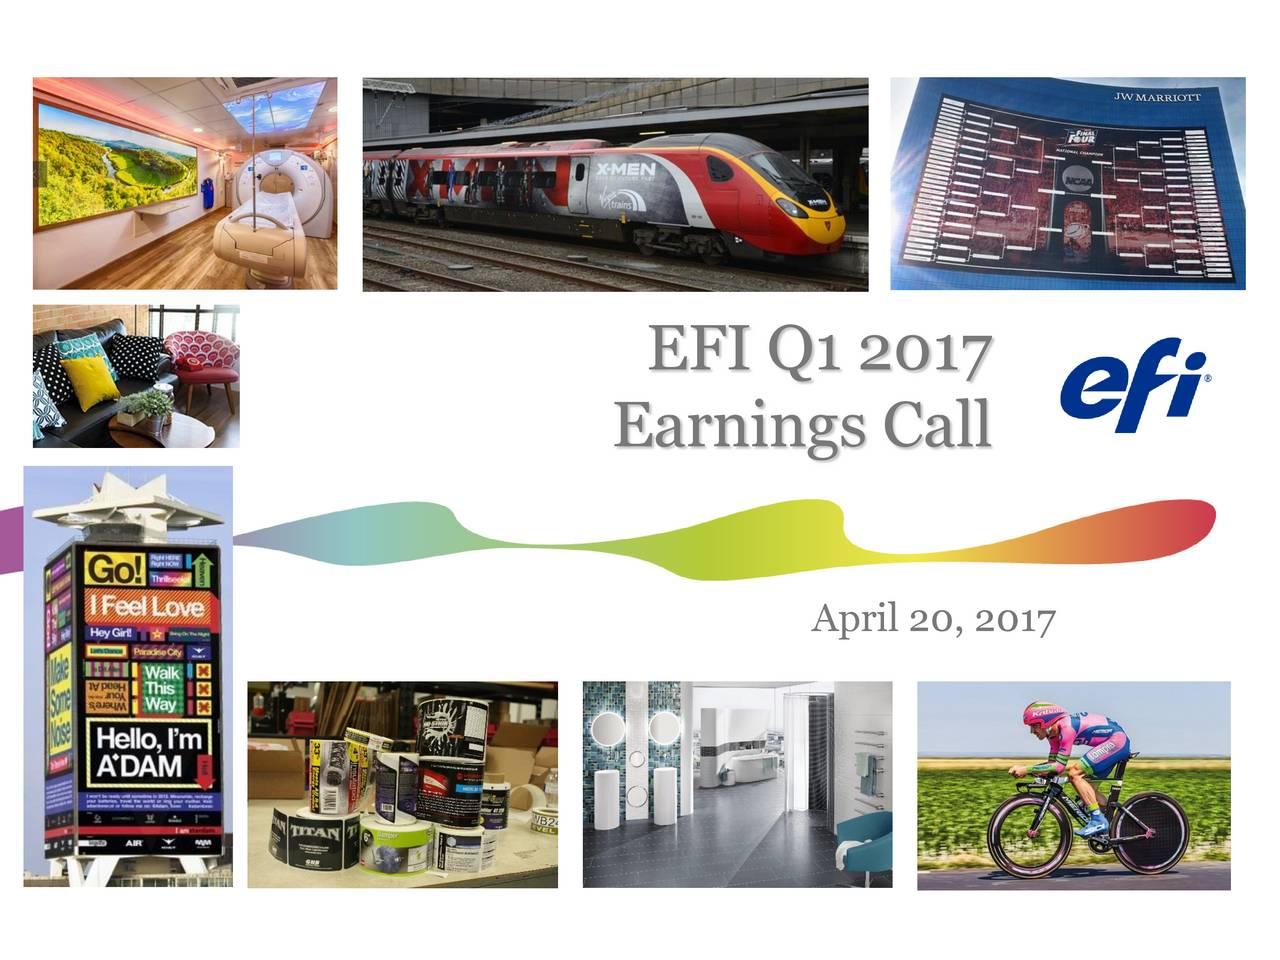 Earnings Call April 20, 2017